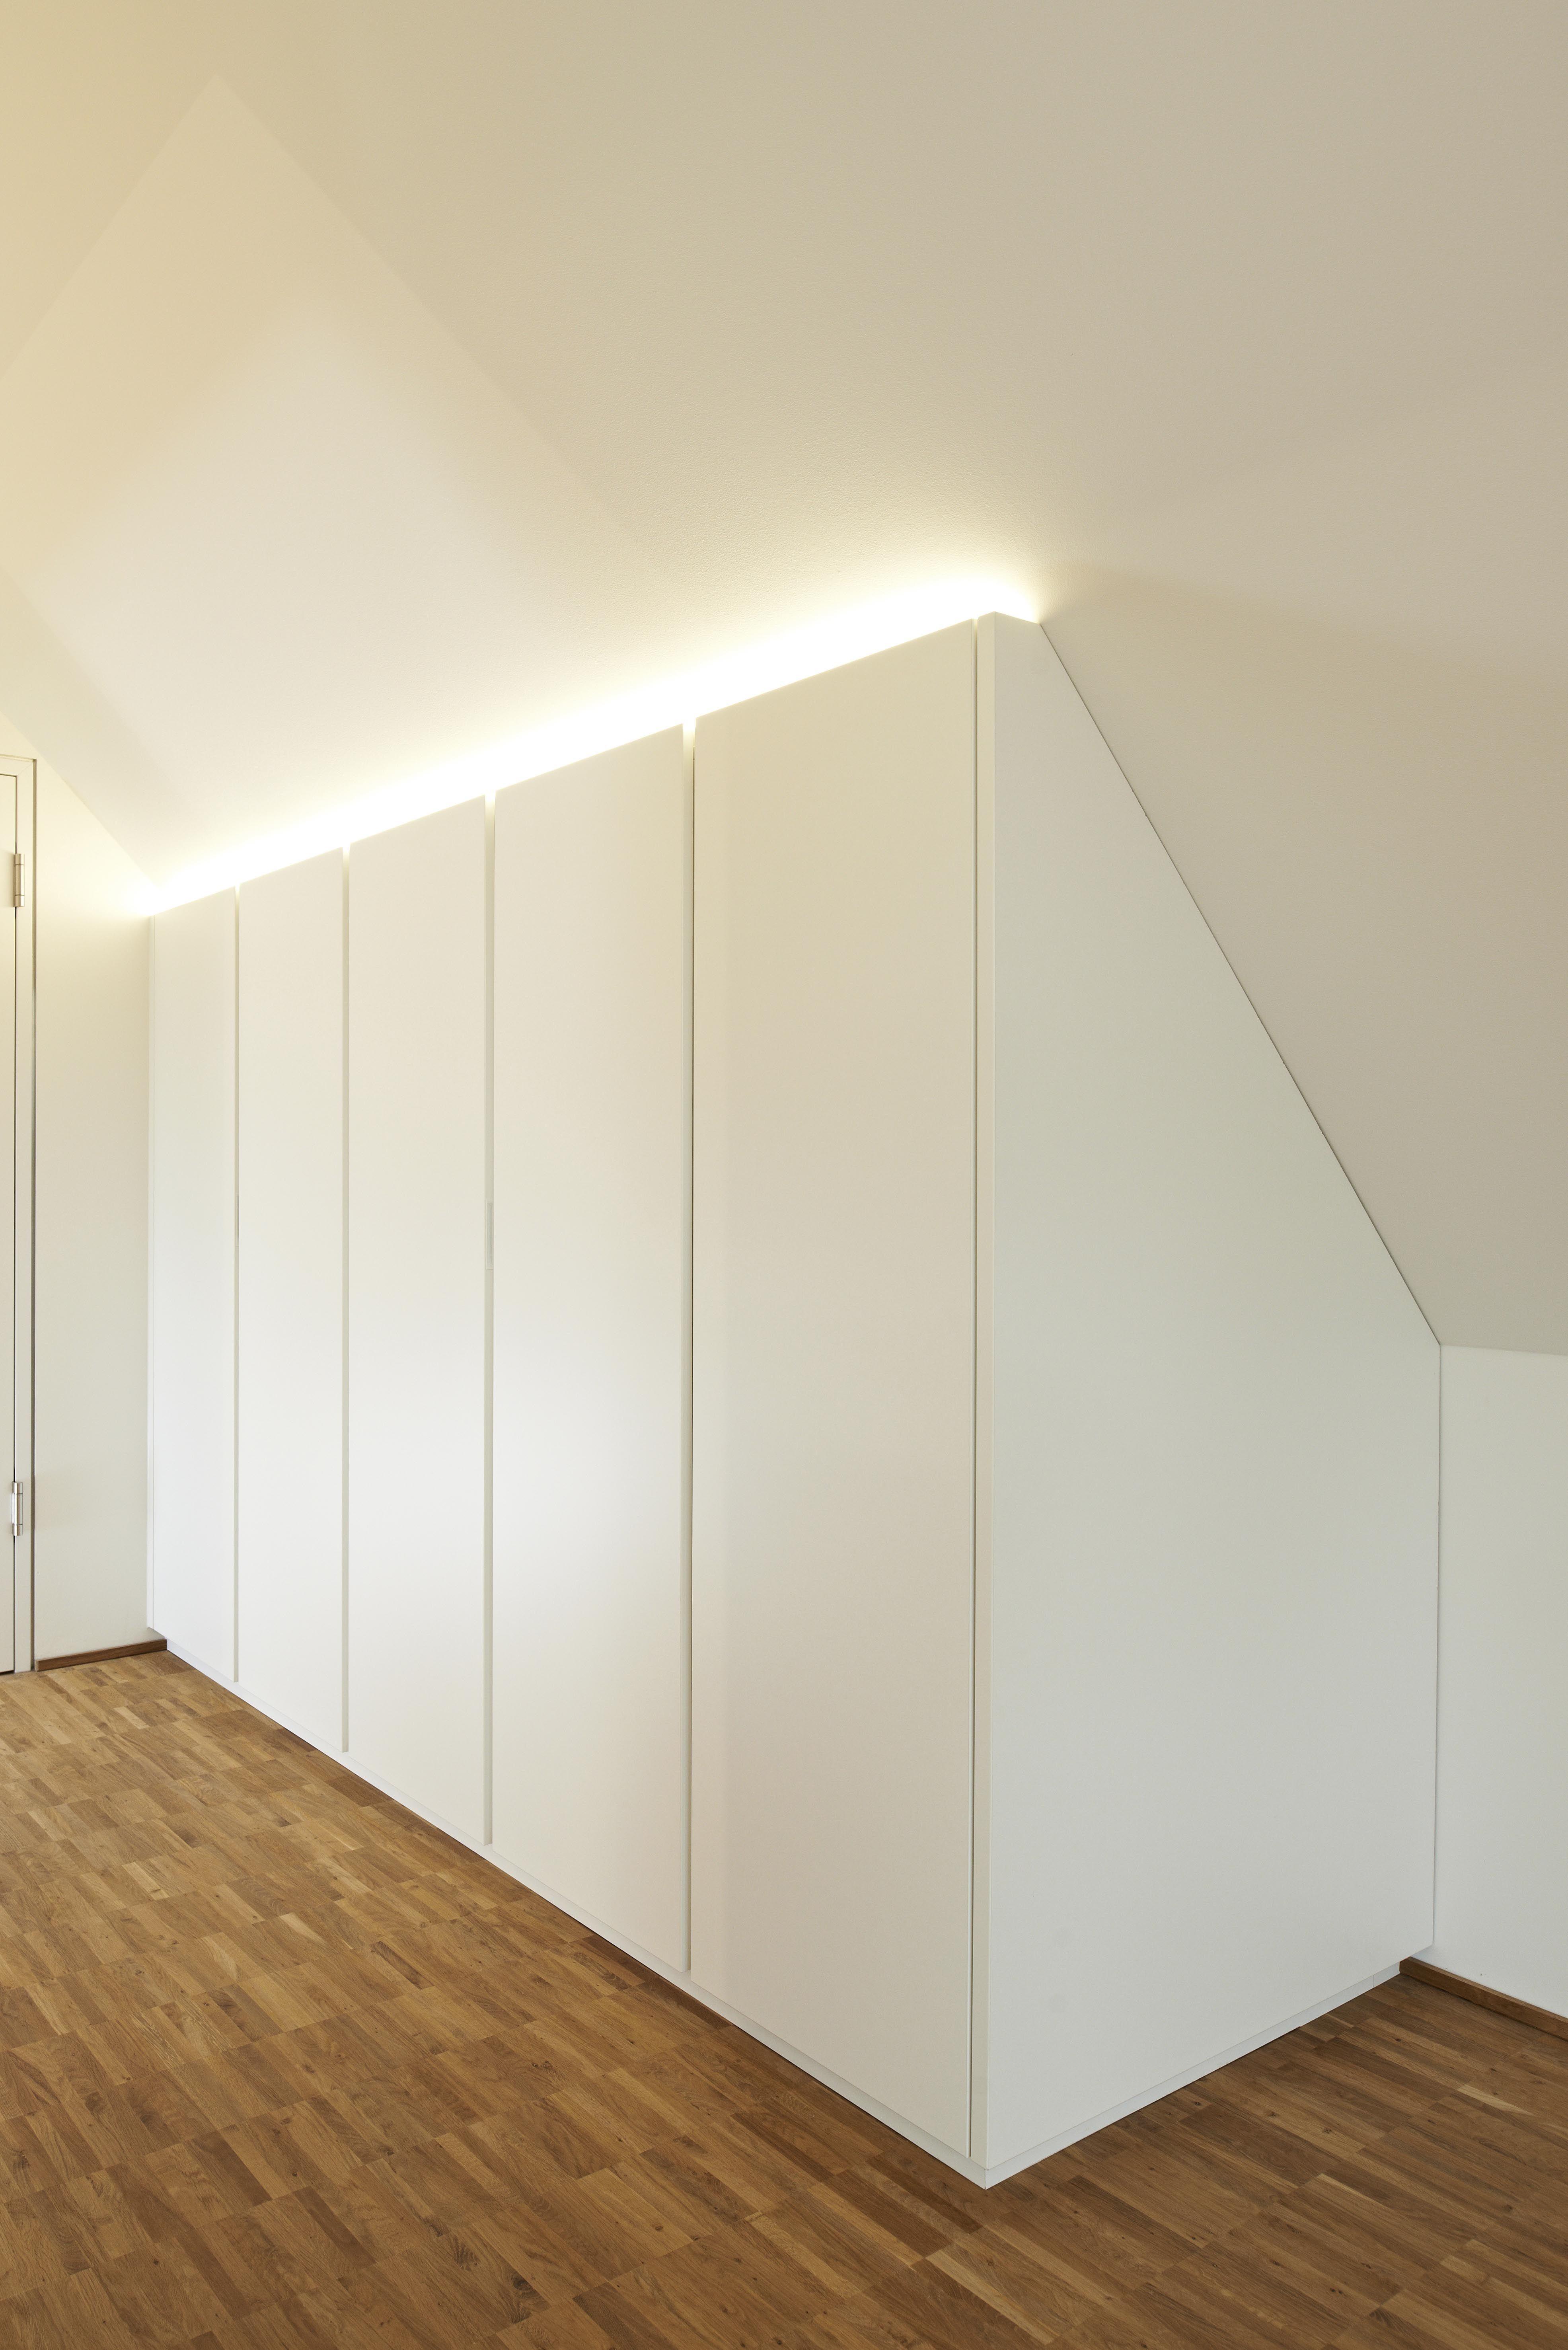 Diese Ankleide Besteht Aus Einem Offen Zentralen Kleiderschra Kleiderschrank Fur Dachschrage Begehbarer Kleiderschrank Dachschrage Innenarchitektur Wohnzimmer